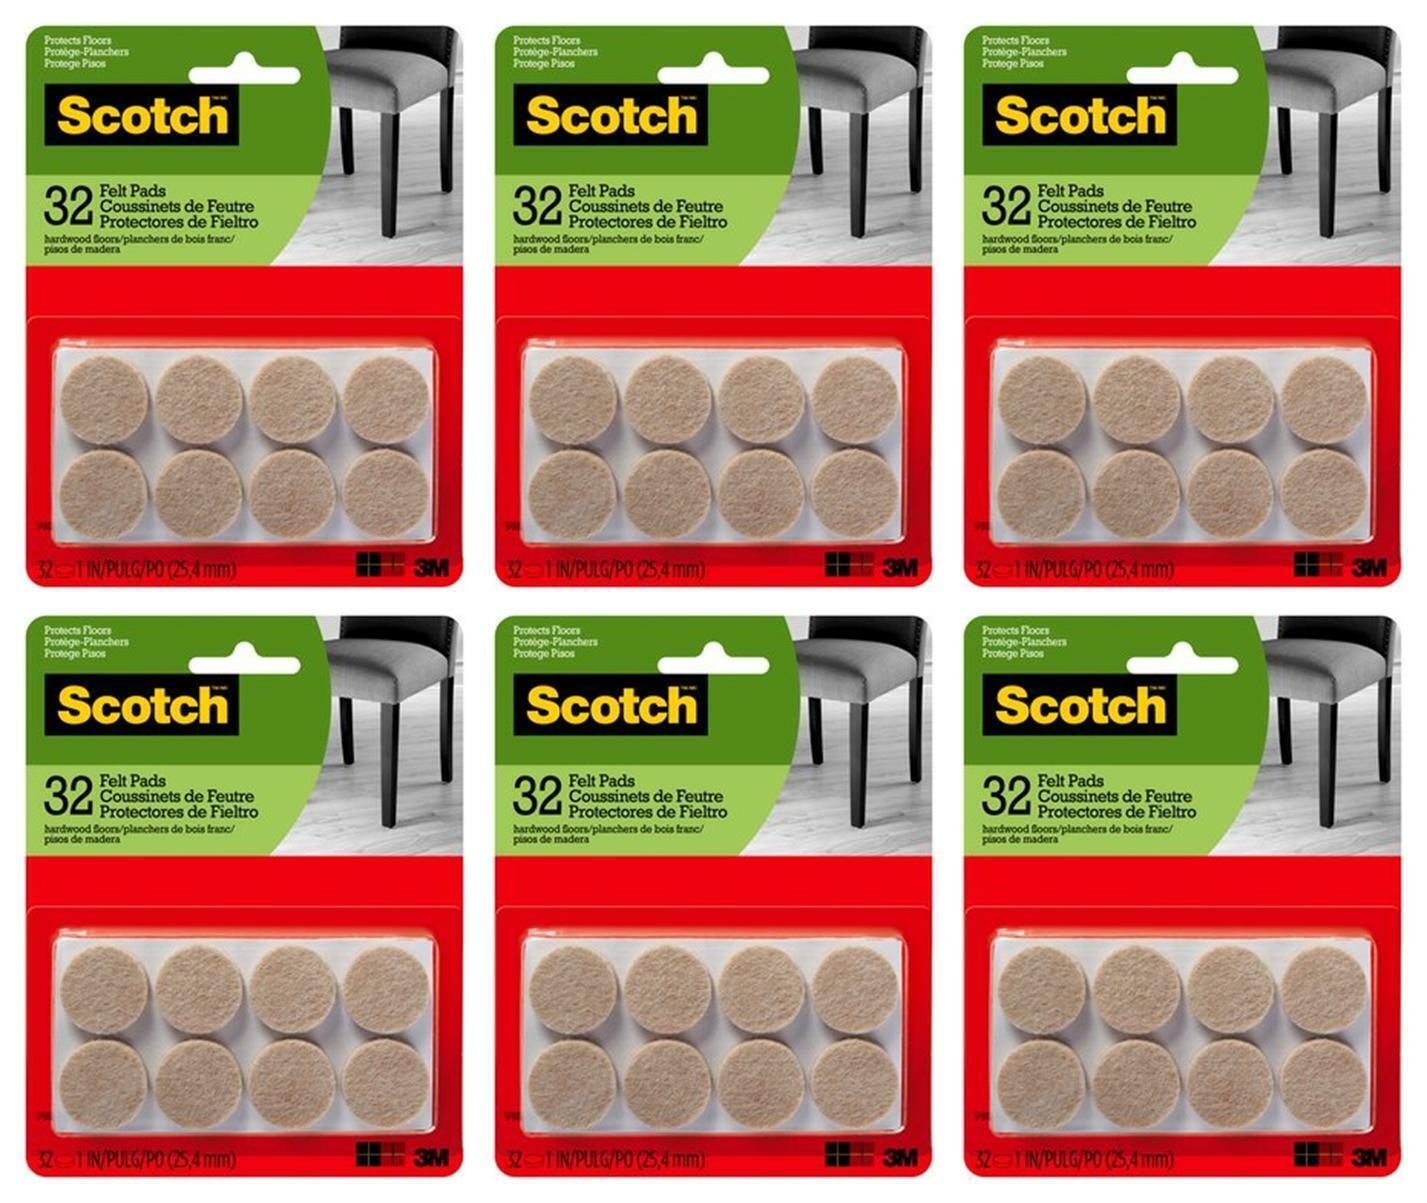 Scotch Almohadillas De Fieltro Redondo, en 1, Beige, Lote De 6 paquetes (32 Almohadillas/Pack)